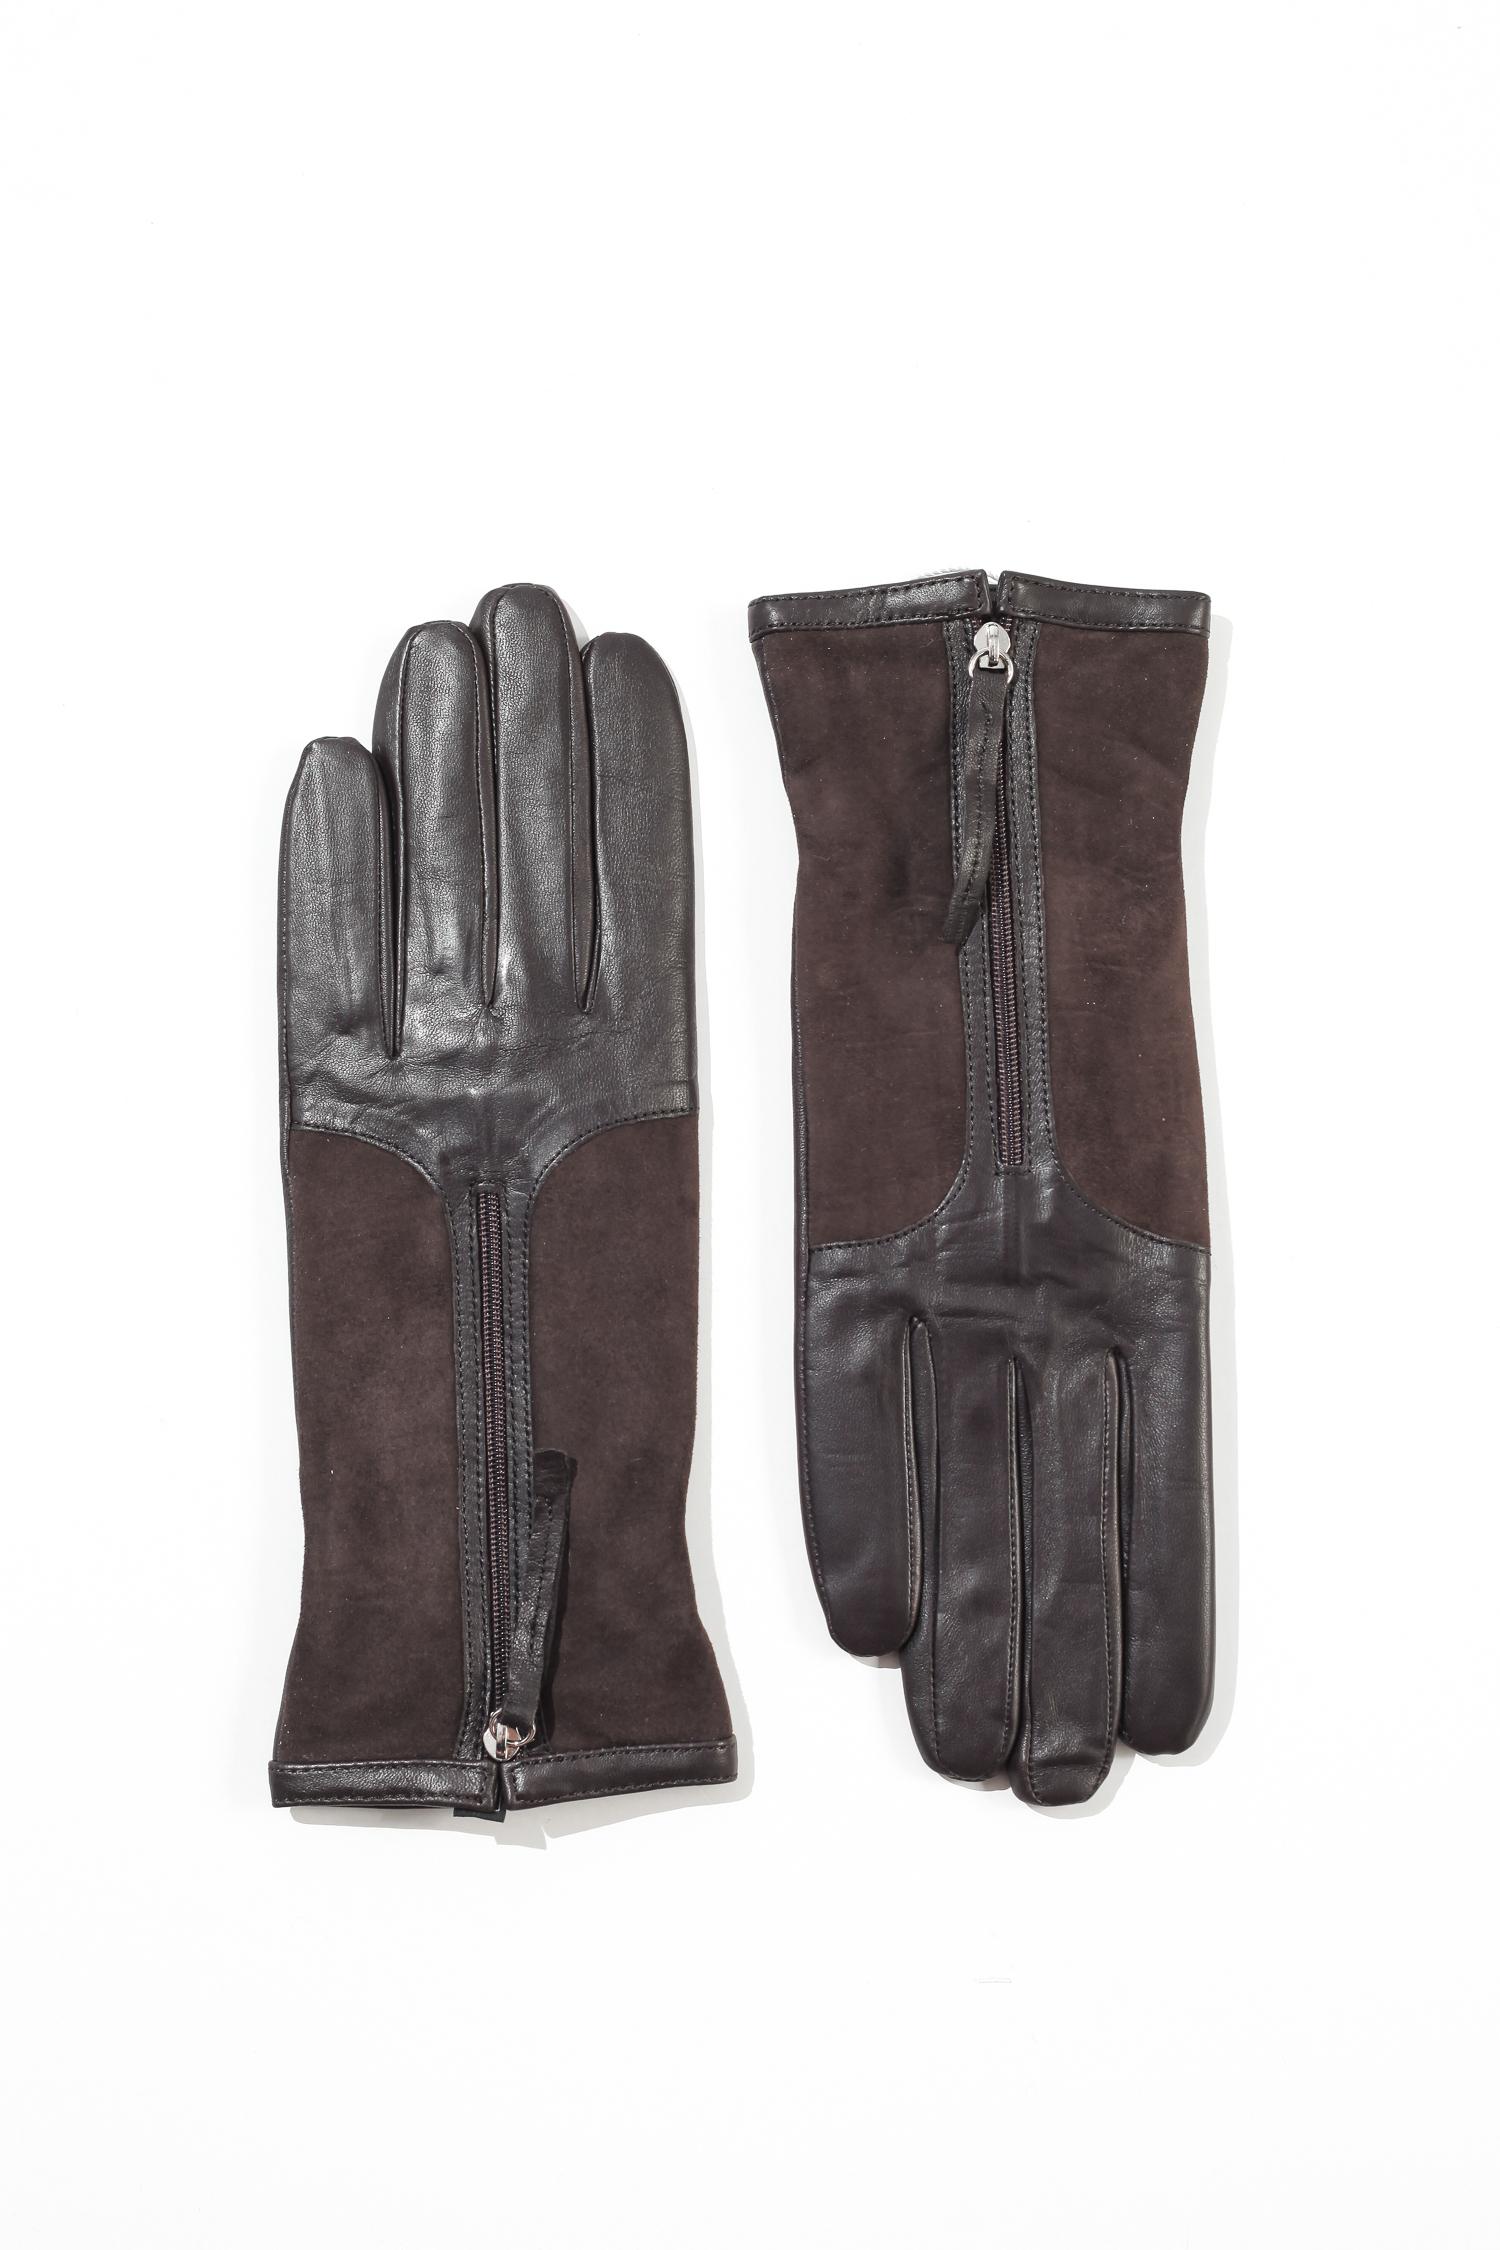 Перчатки женские из натуральной кожи и замши<br><br>Материал: Кожа овчина<br>Цвет: коричневый<br>Пол: Женский<br>Размер RU: 6.5